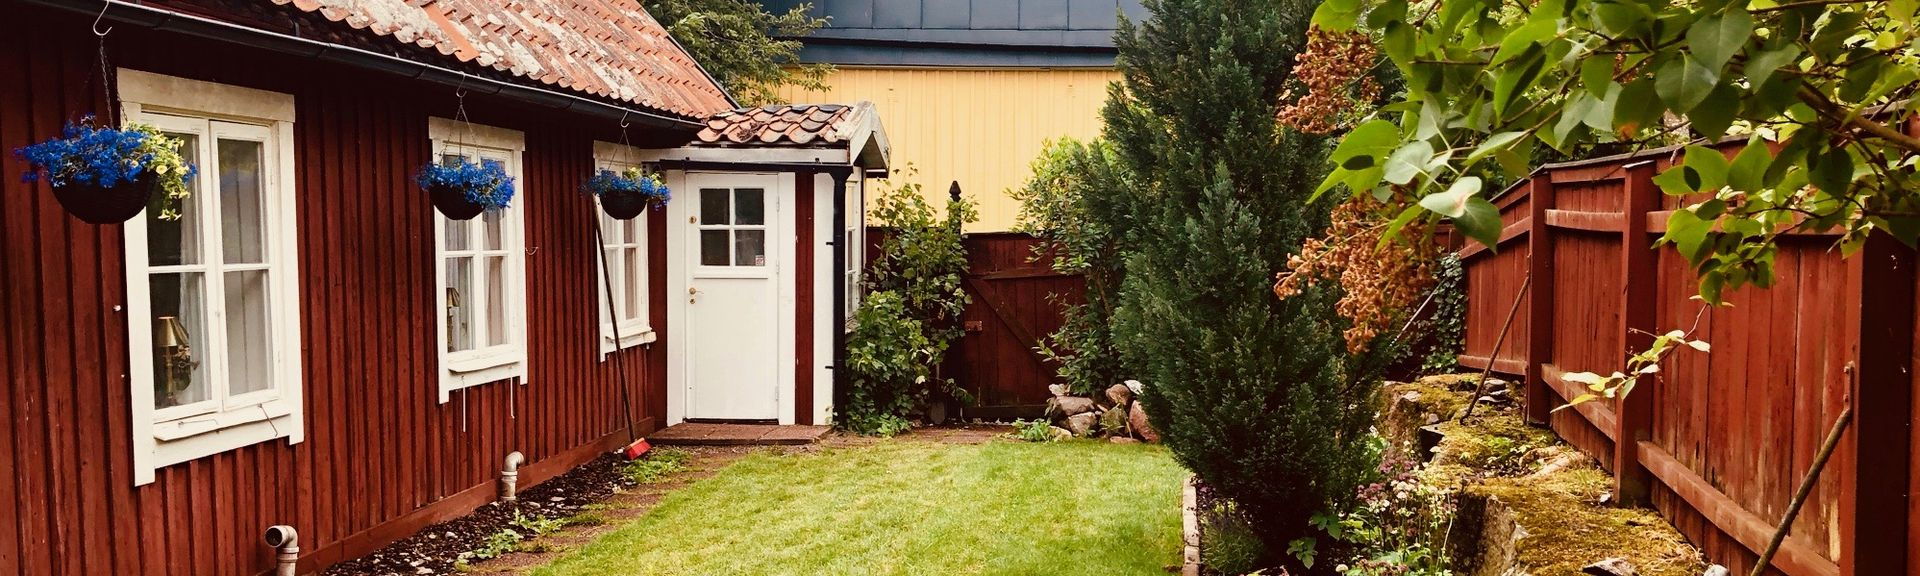 Täby, Stockholm County, Sverige